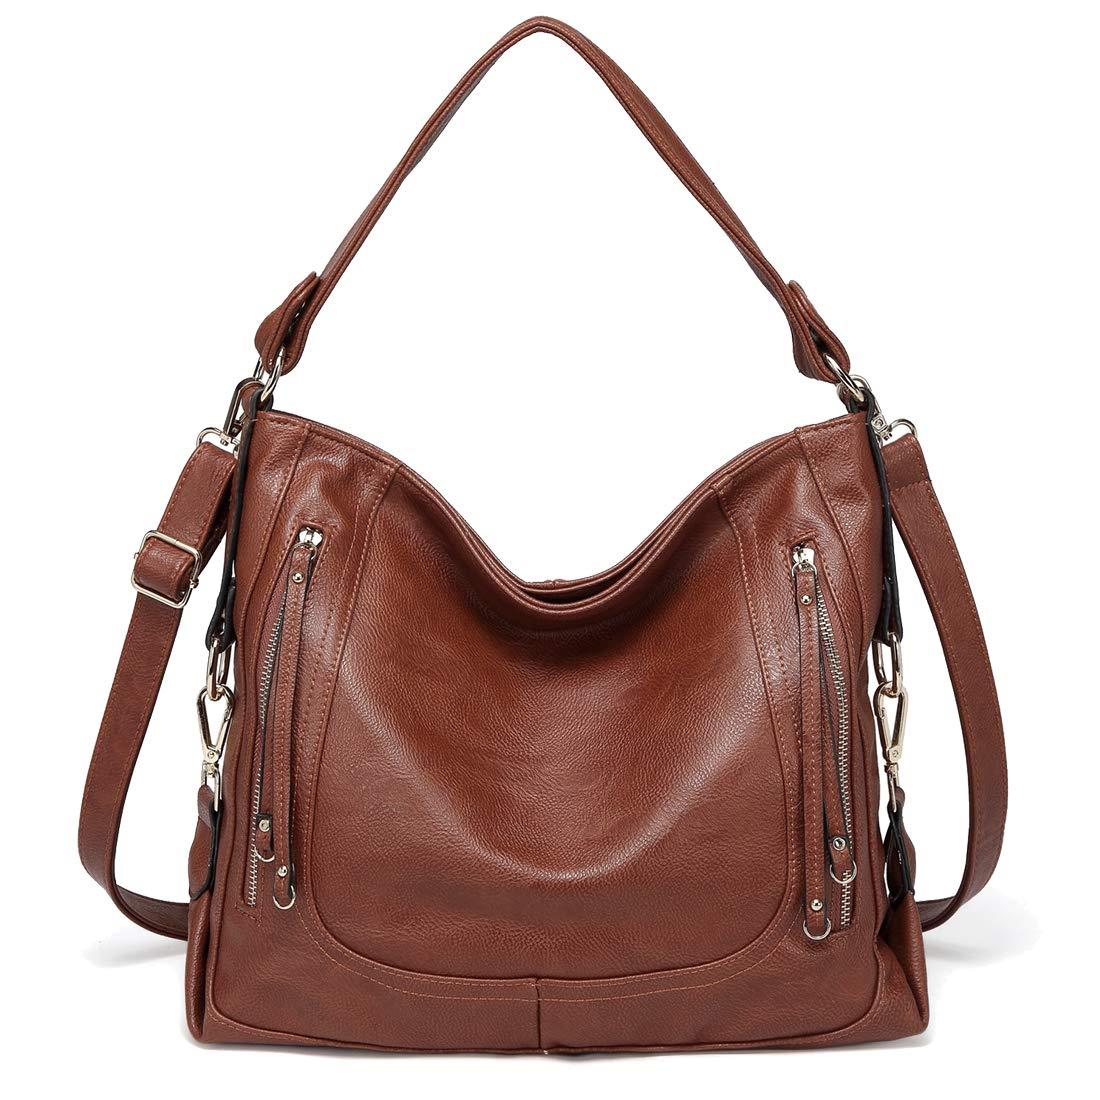 Kasqo Hobo Bag for Women Faux Leather Handbag Shoulder Bag Crossbody Bag with Detachable Shoulder Strap Brown